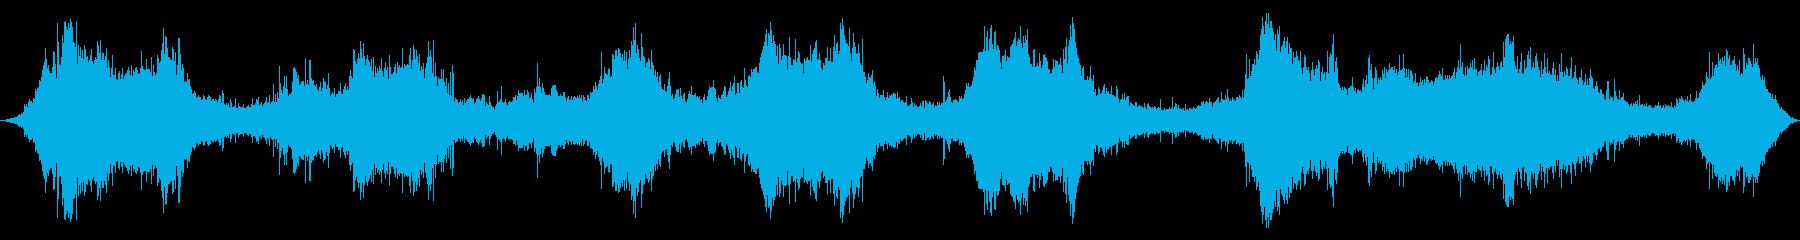 海洋:中規模の遠方の交通騒音の再生済みの波形